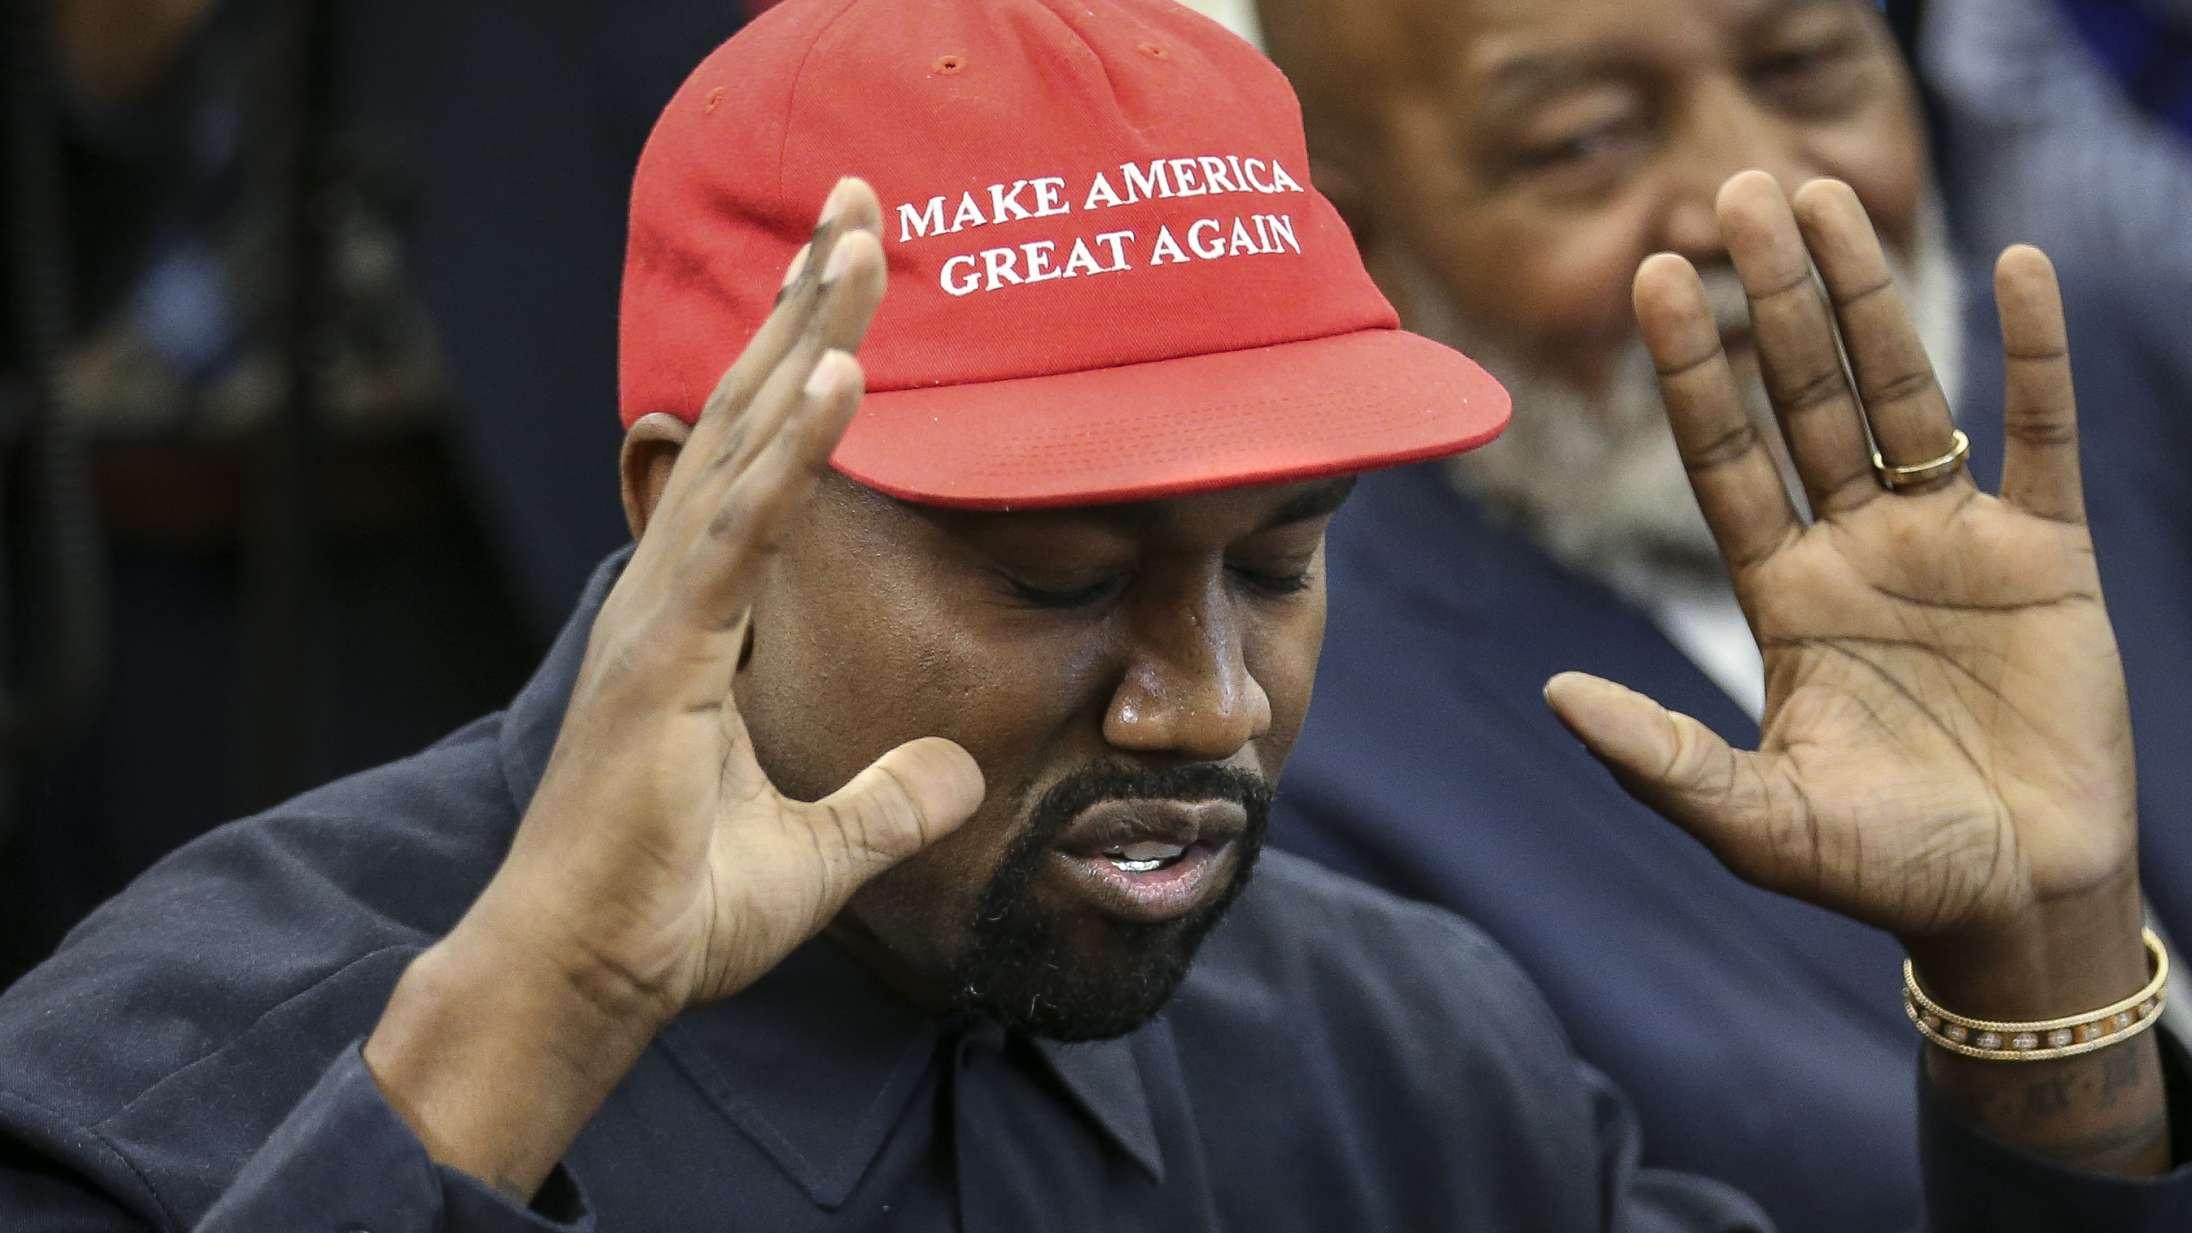 YouTube-stjernen Jeffree Star afkræfter skørt rygte om forhold til Kanye West: »Det er det dummeste, jeg nogensinde har hørt«